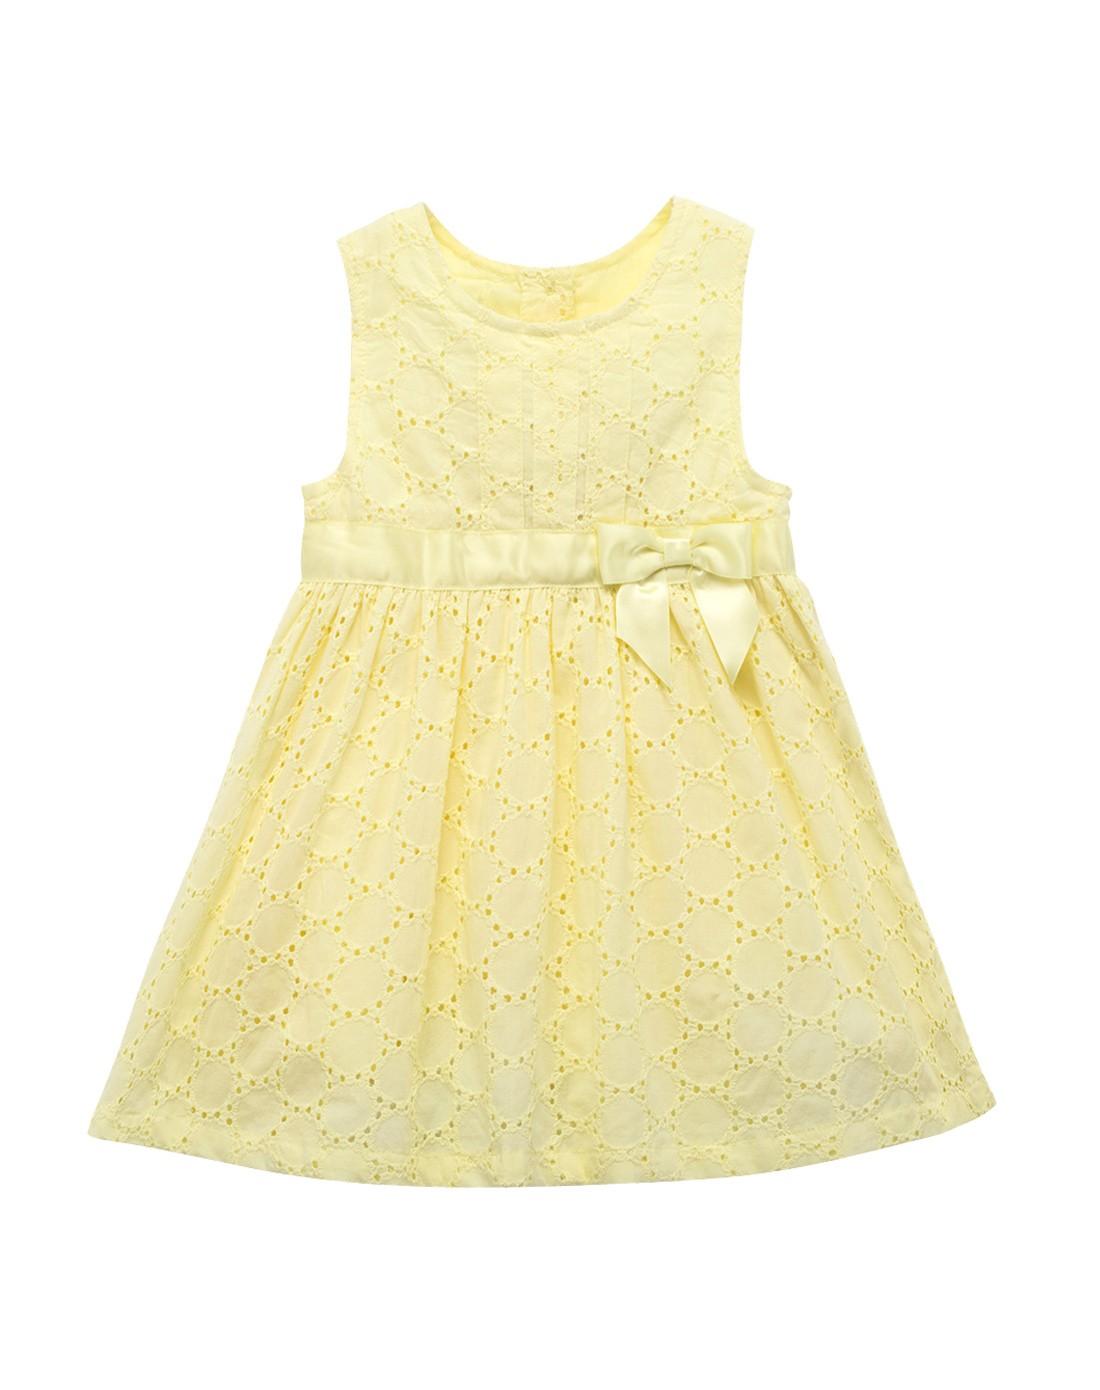 女宝宝黄色背心高腰公主裙